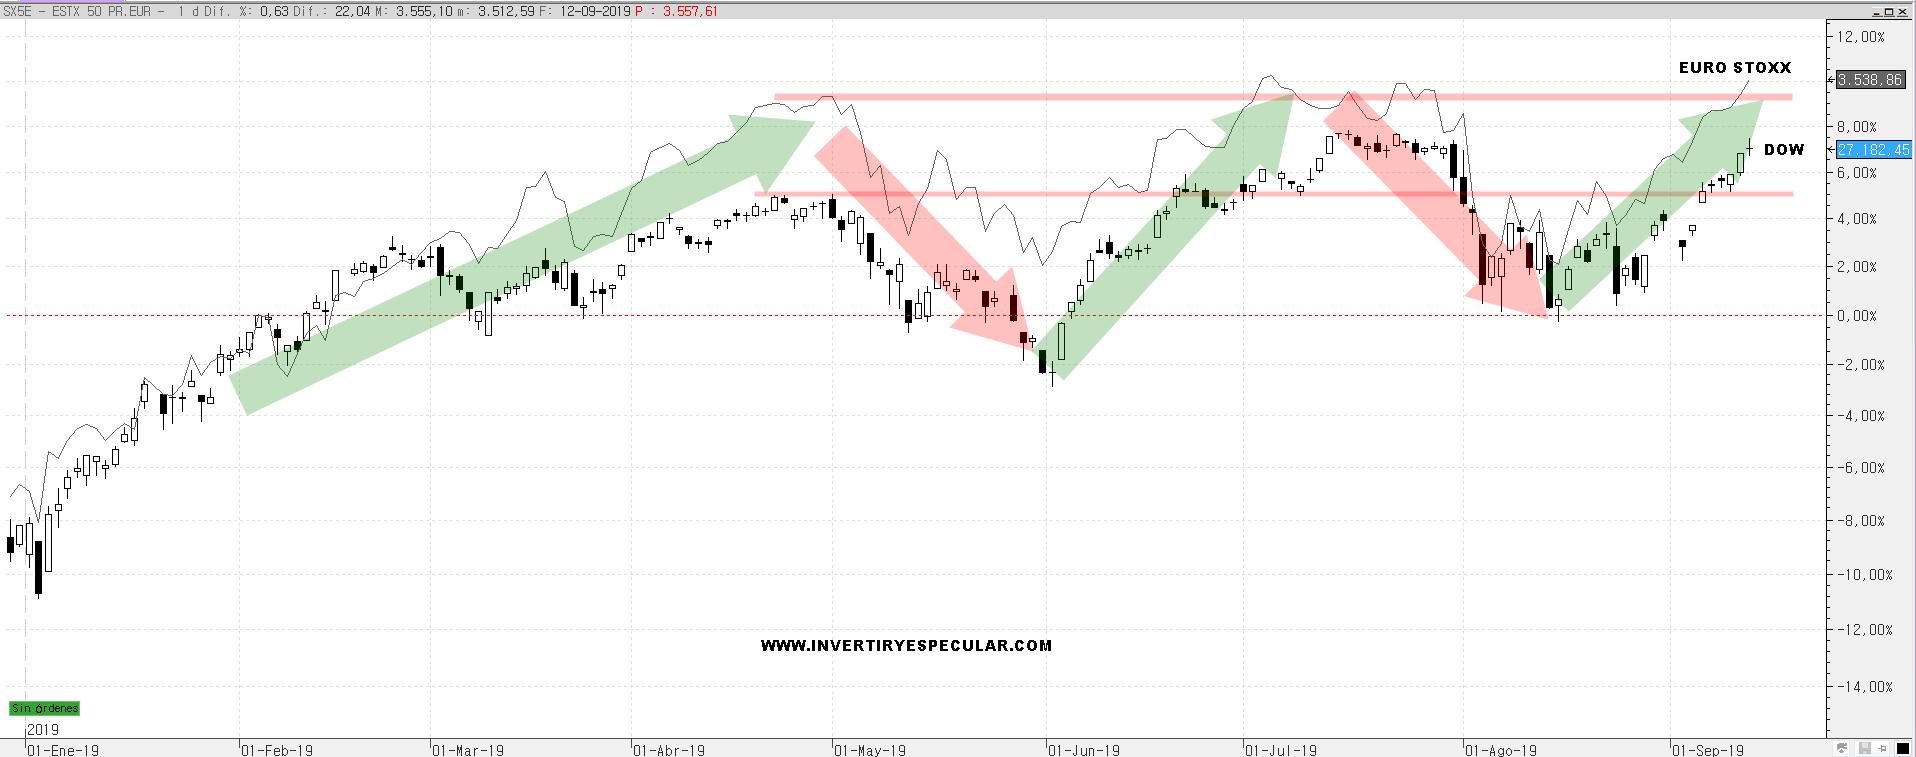 El Euro Stoxx 50 supera a los índices USA tras el rebote de agosto